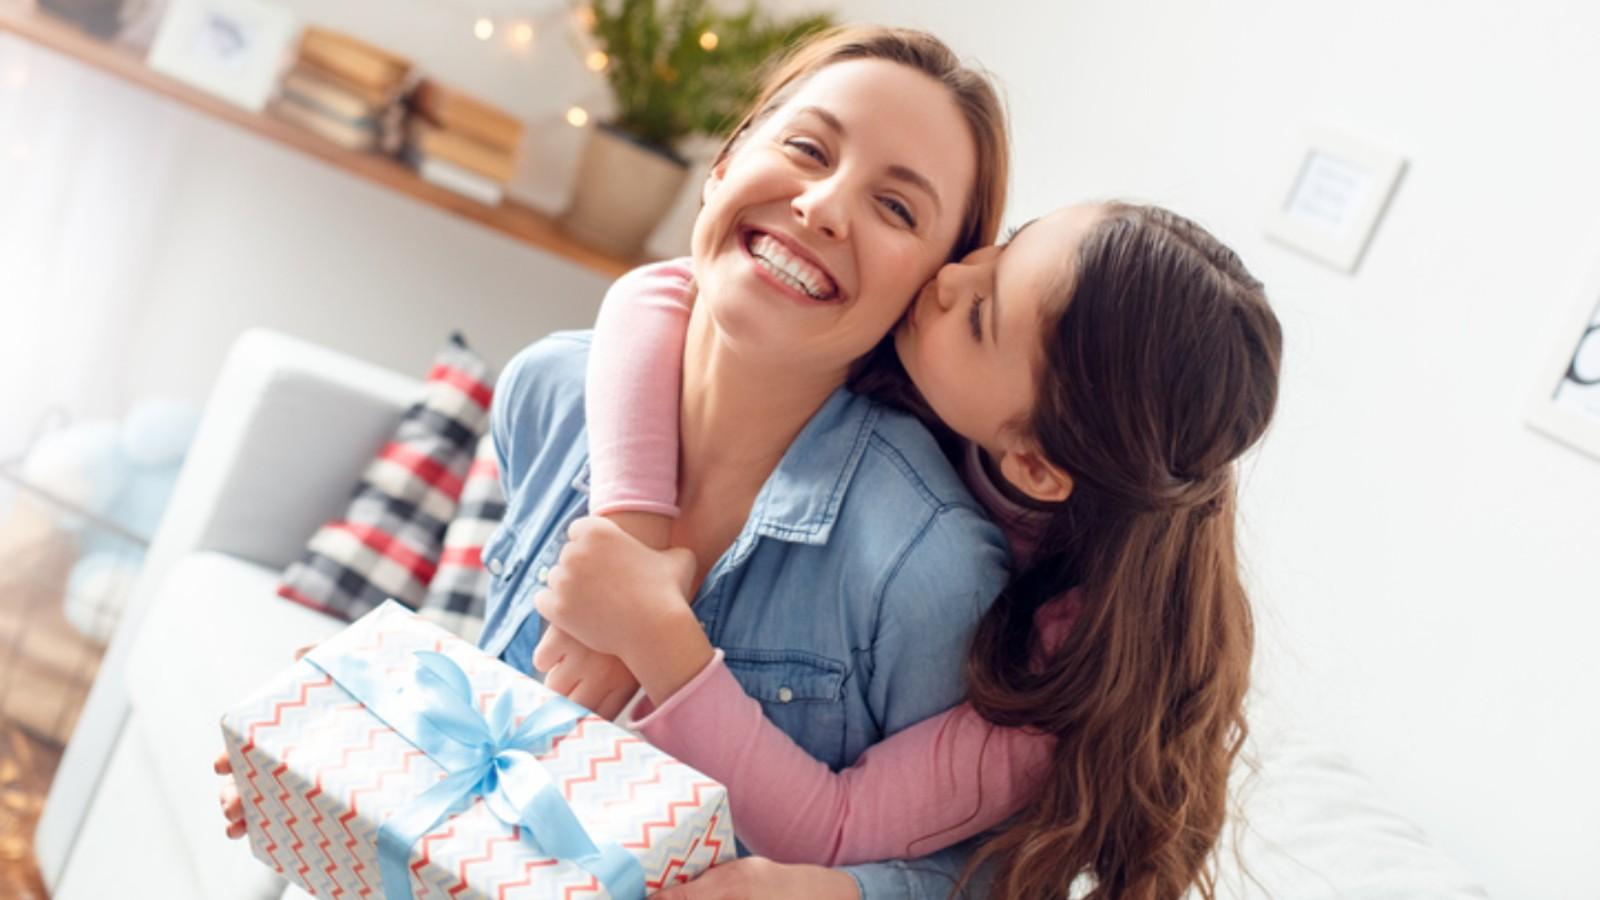 original 01a194147c86909681c7b95e3eb3a780 - Dia das Mães: 5 dicas matadoras para produzir vídeosde marketing